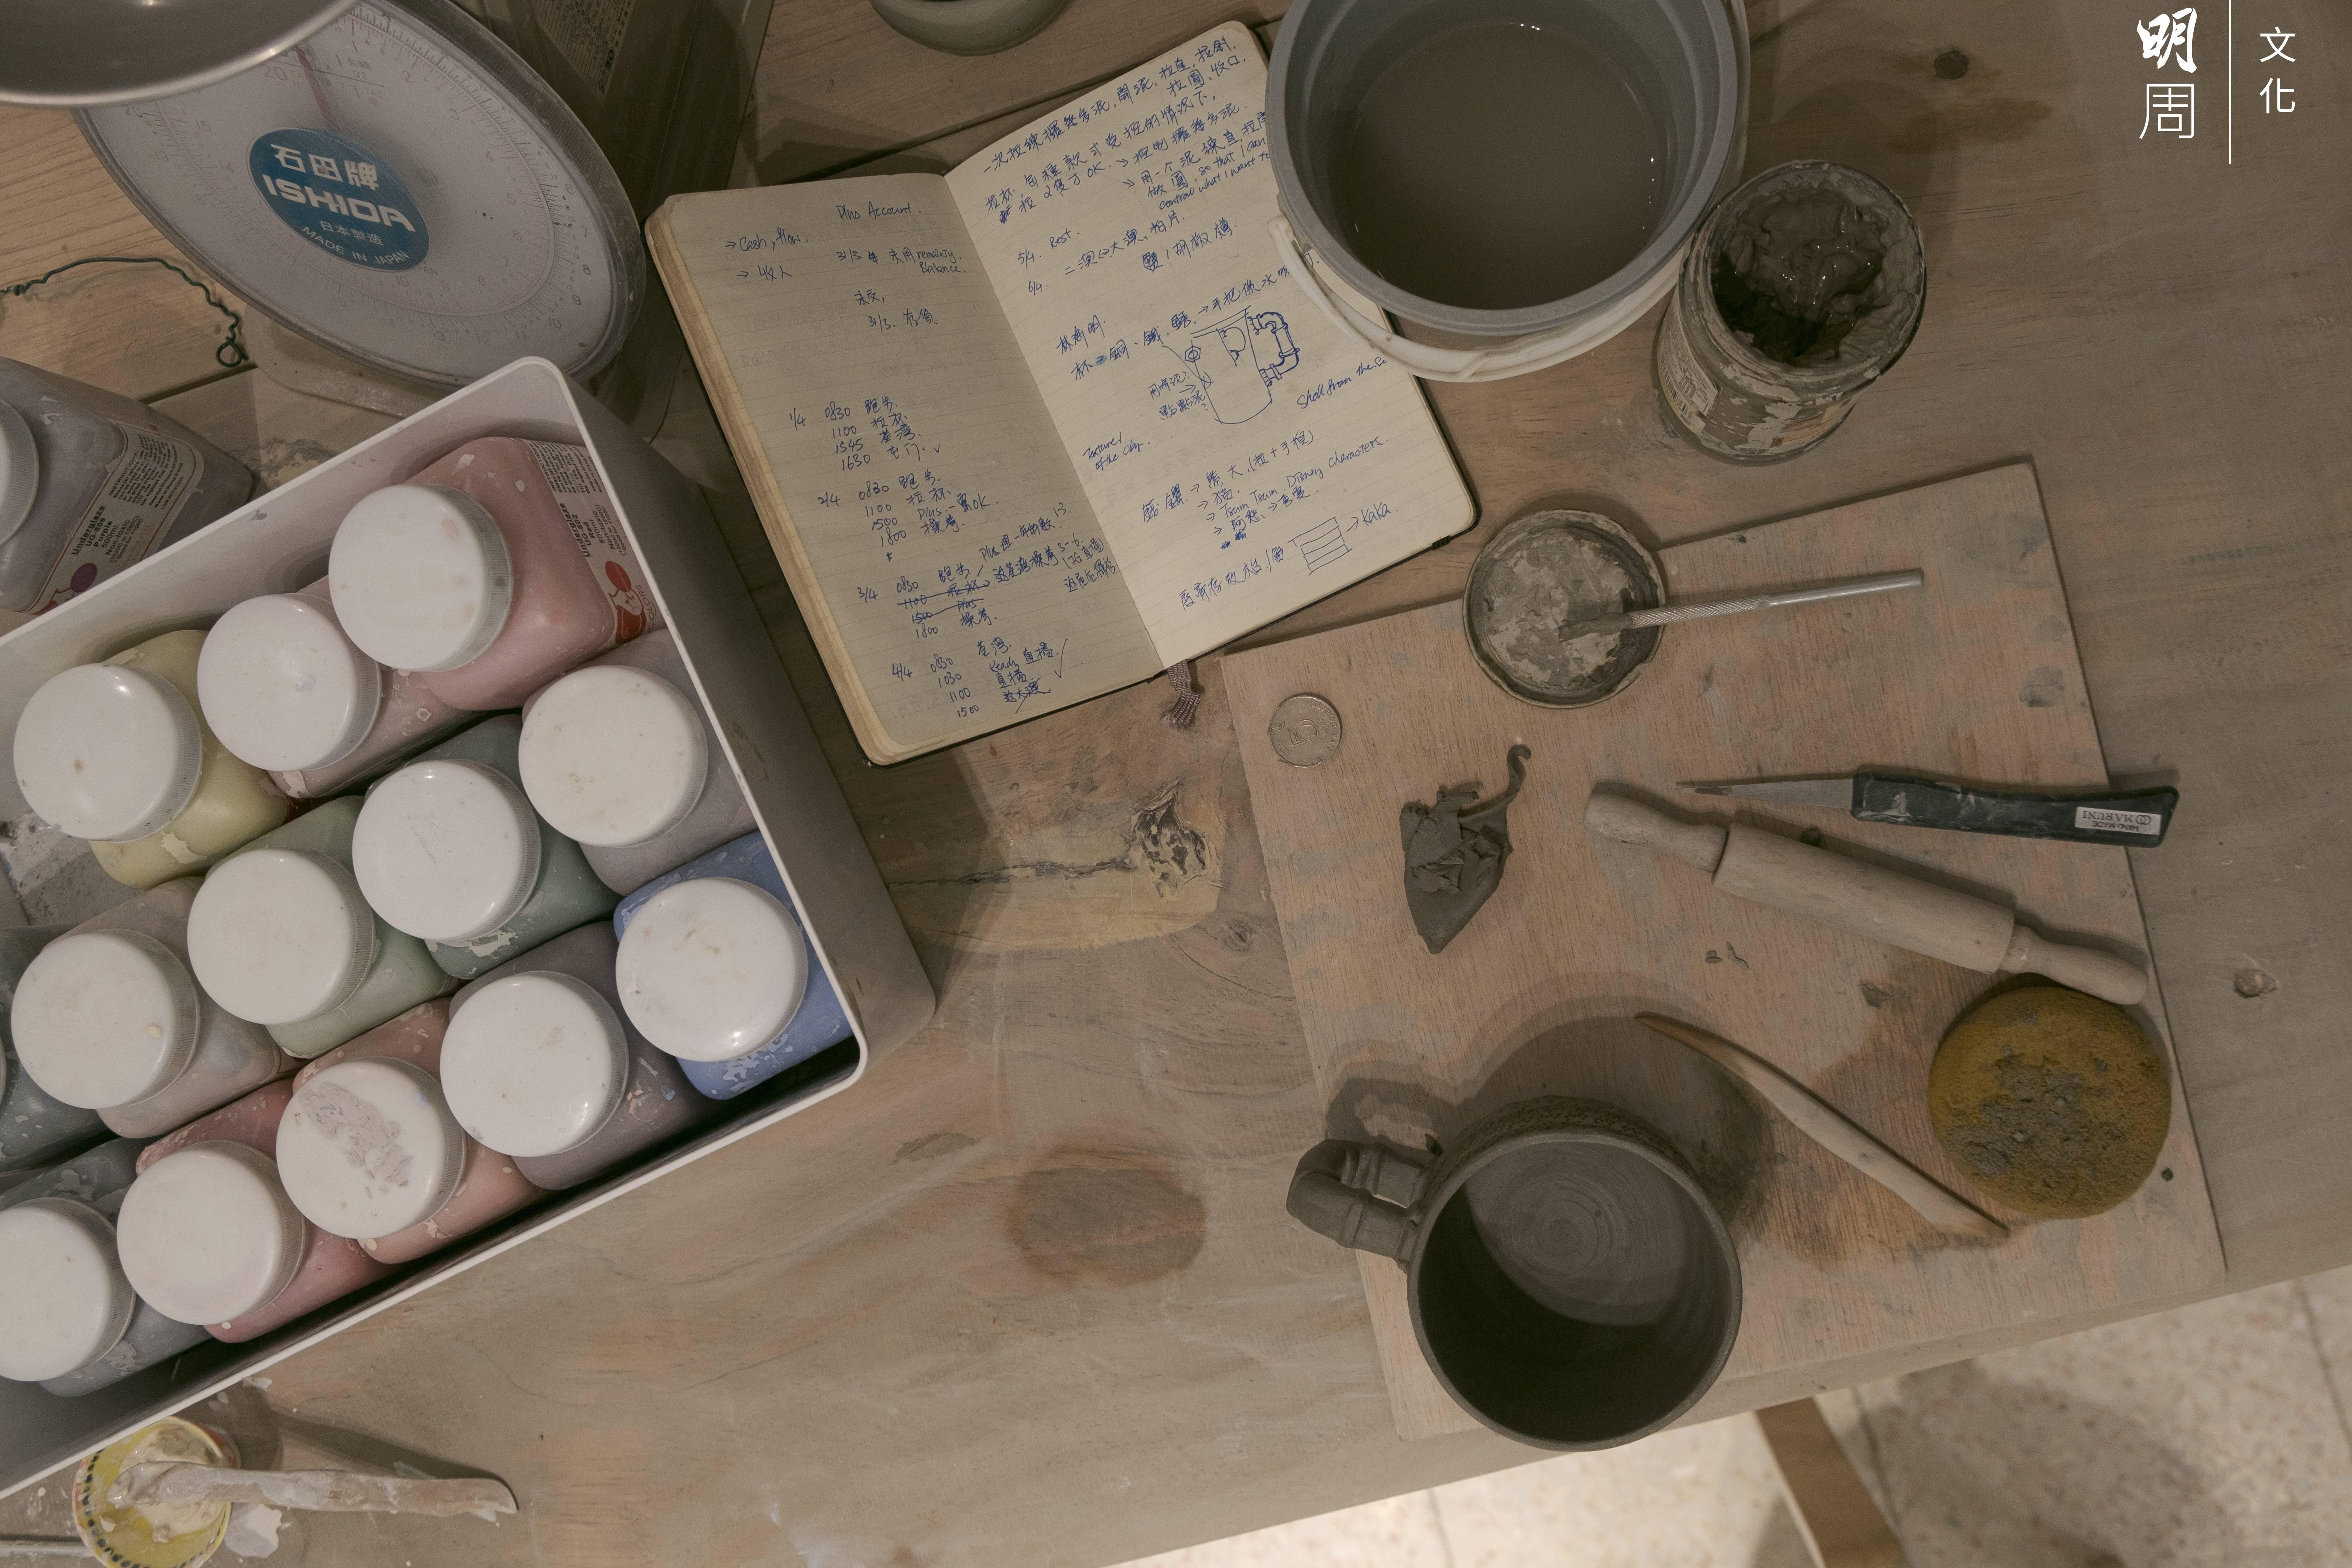 訪問當晚,到八時仍有學生不願走,留在店內,用心製作作品,力臻完美。